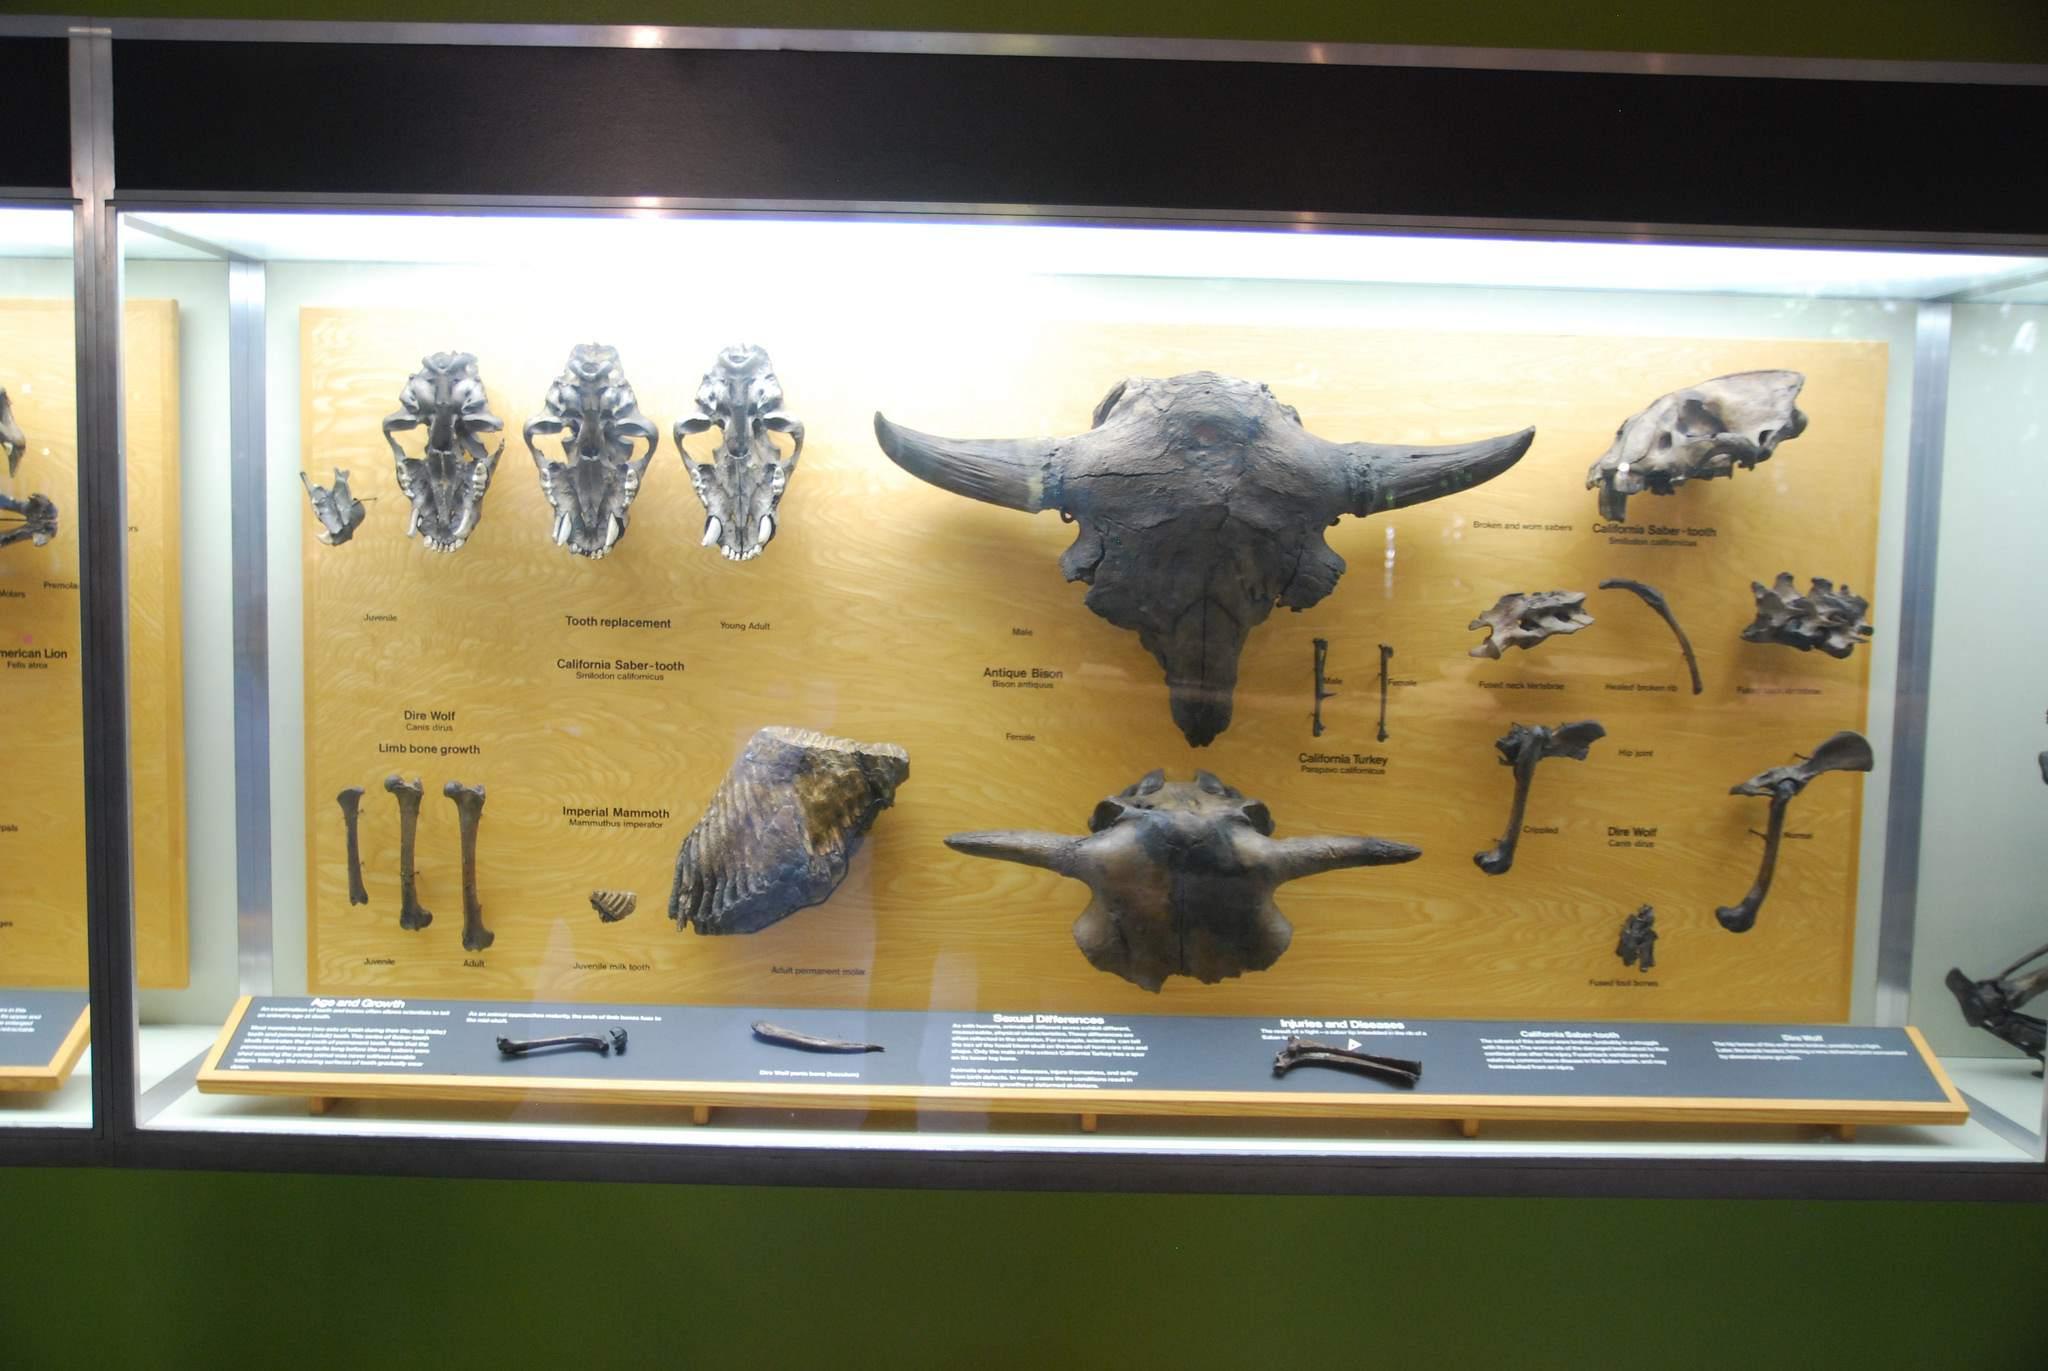 la brea tar pits5 La Brea Tar Pits and Museum in LA